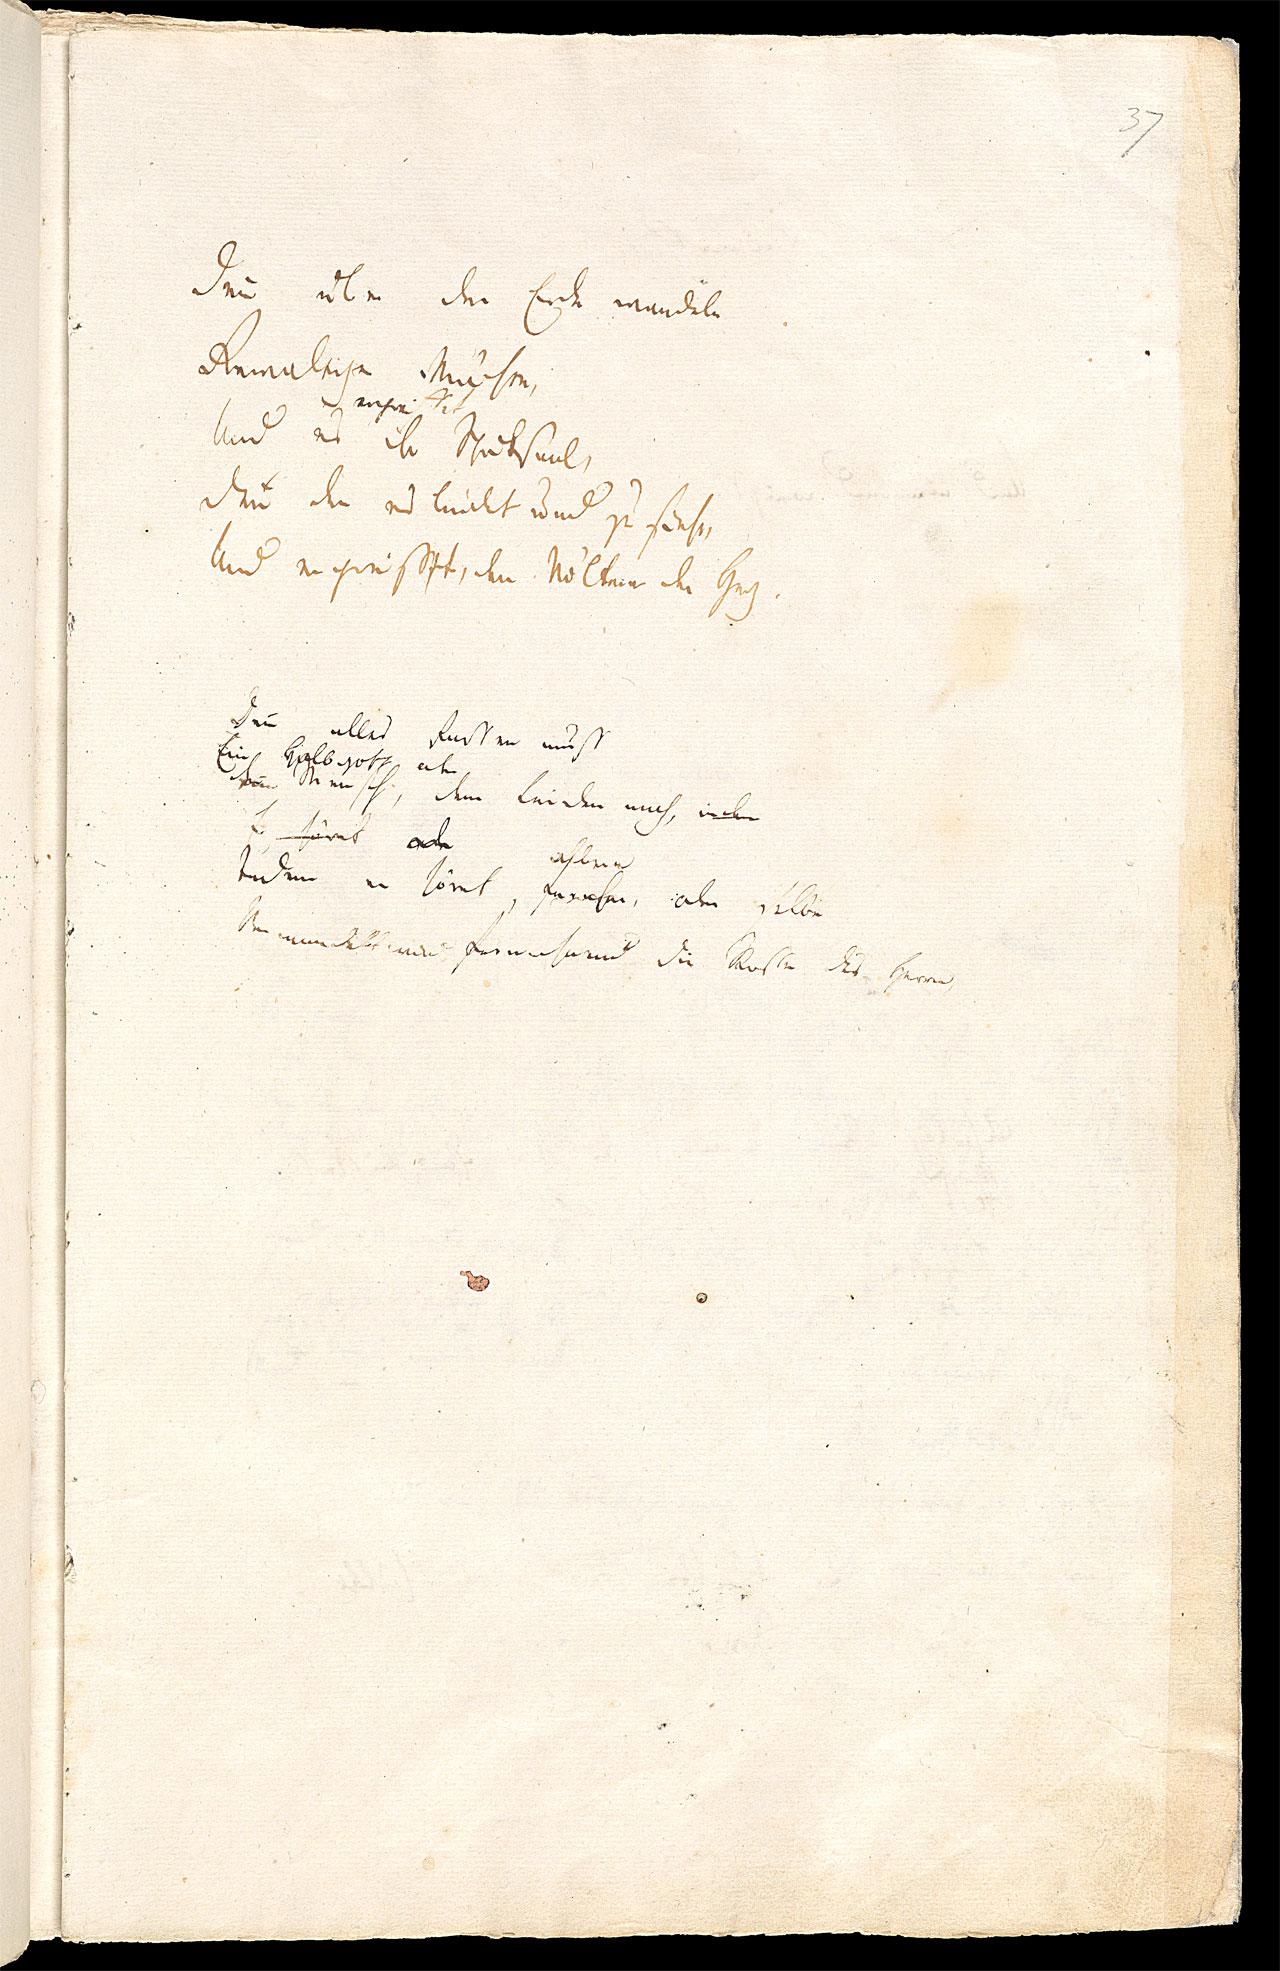 Friedrich Hölderlin, Homburger Folioheft, Seite 36, Denn über der Erde wandeln…, Handschrift